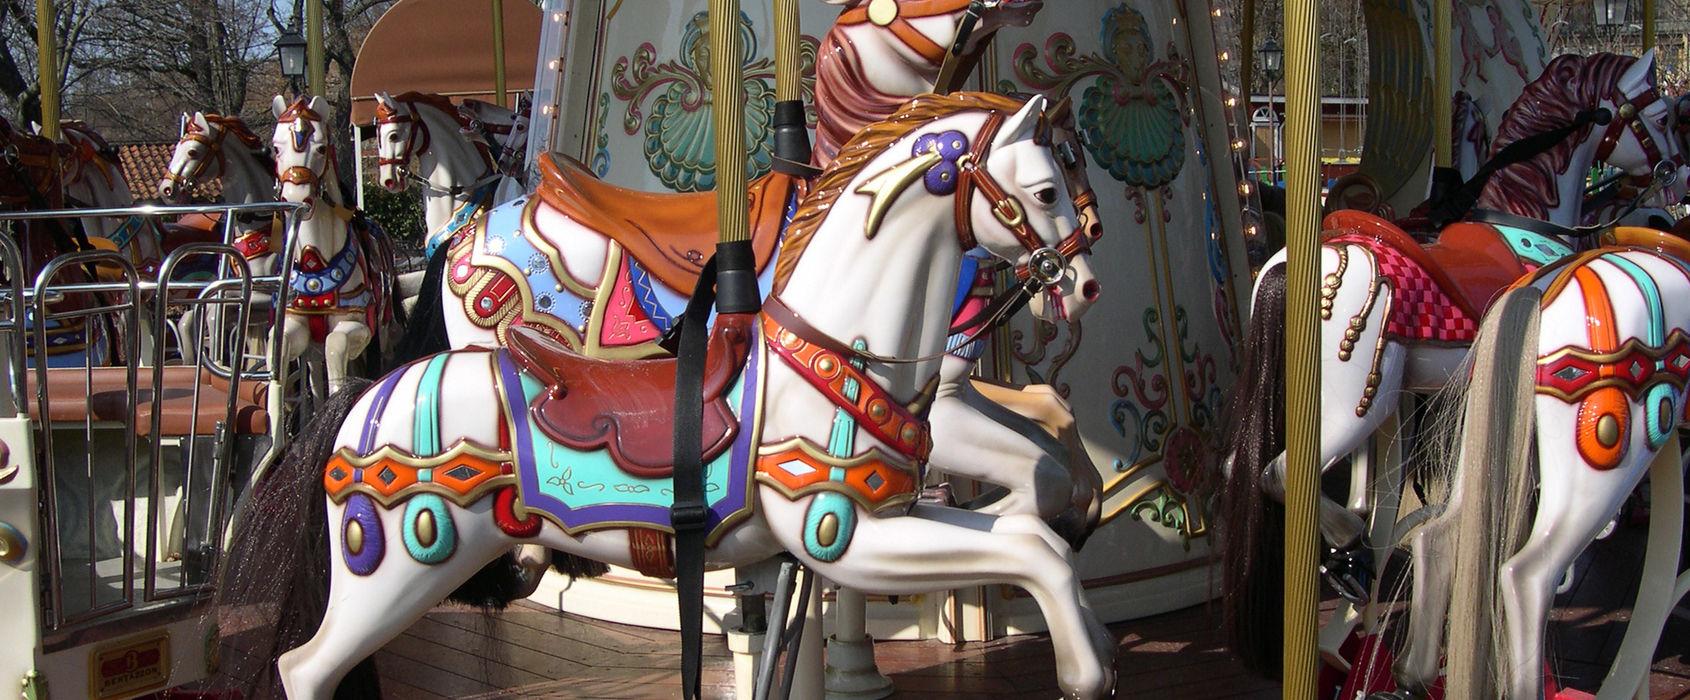 Karusell på Galejans tivoli, Skansen